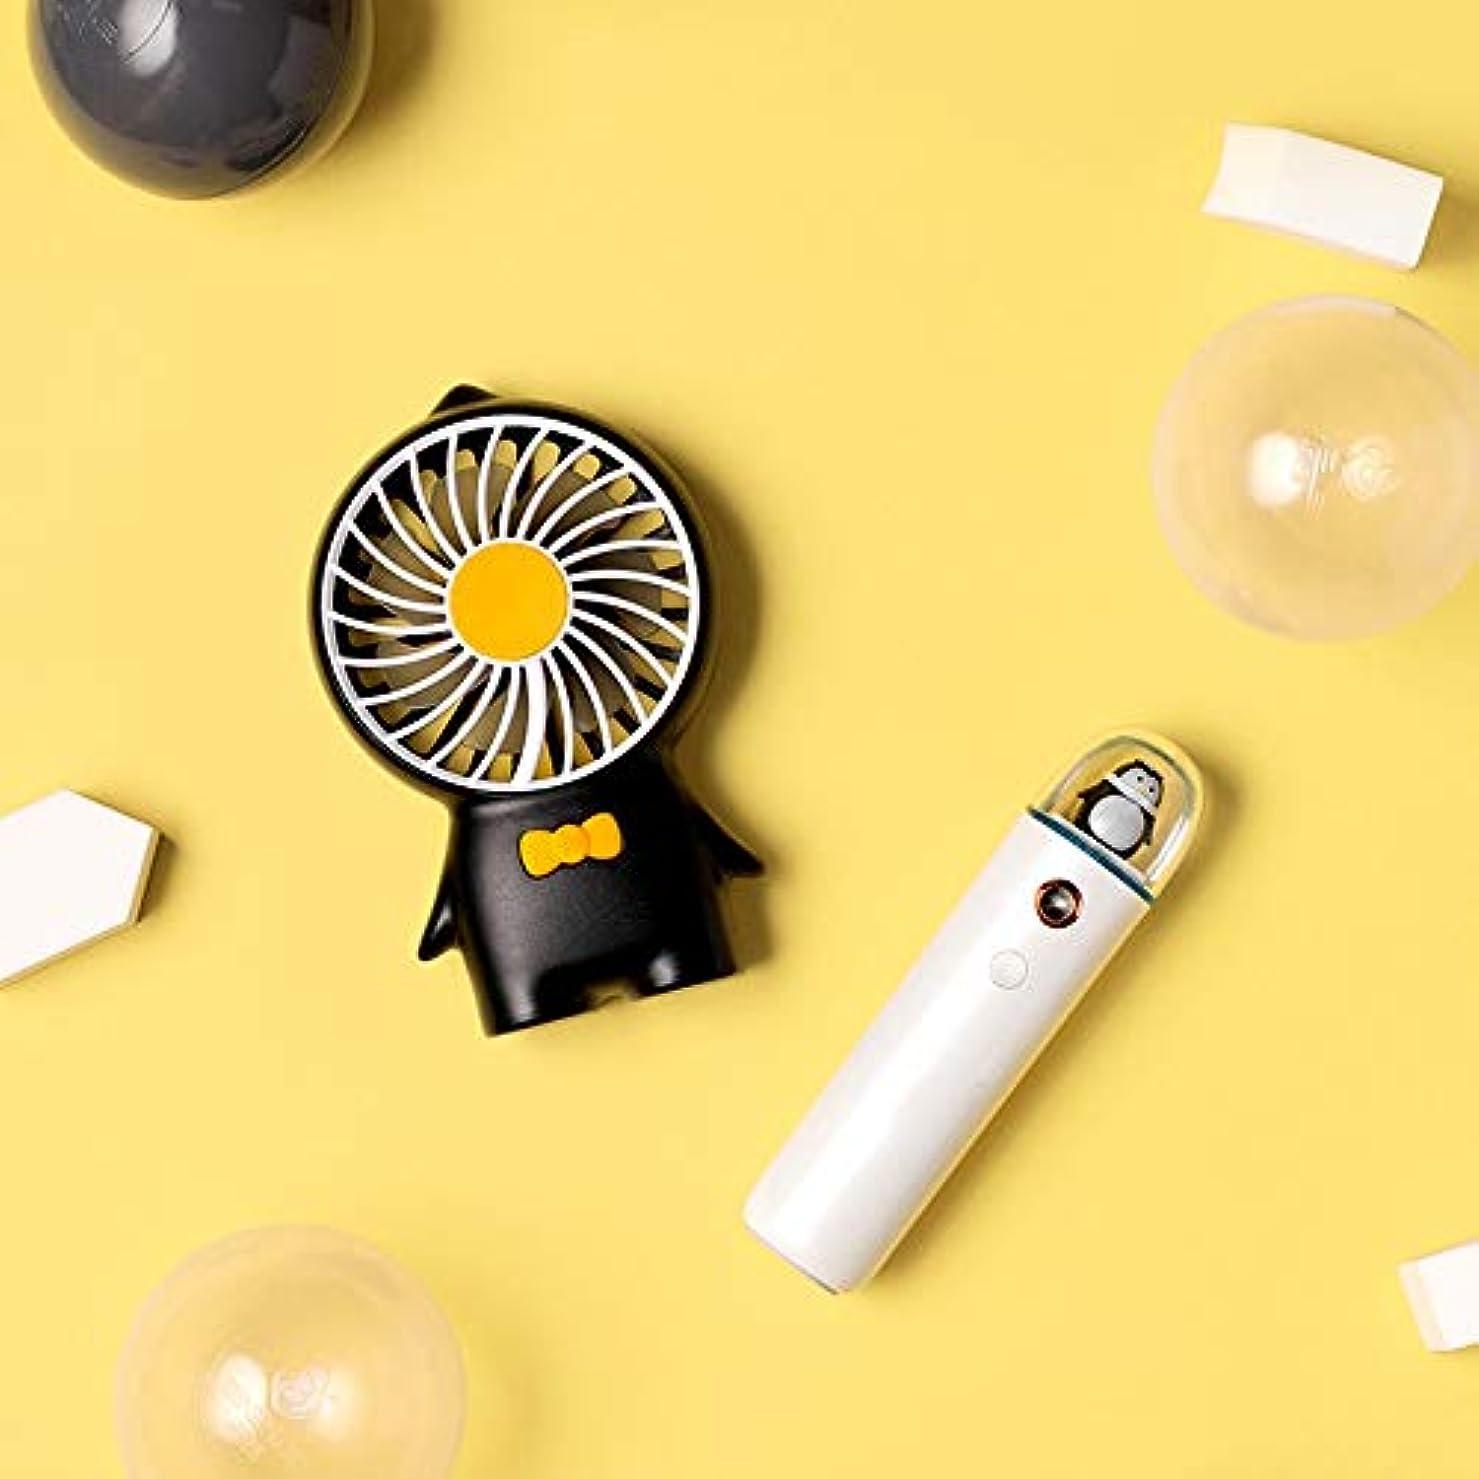 かび臭い拍車ごめんなさいZXF コールドスプレー水道メーターusb充電ナノスプレー小さなファン水道メーター美容機器黒モデルホワイトガールギフト用ガールフレンドセット 滑らかである (色 : Black)